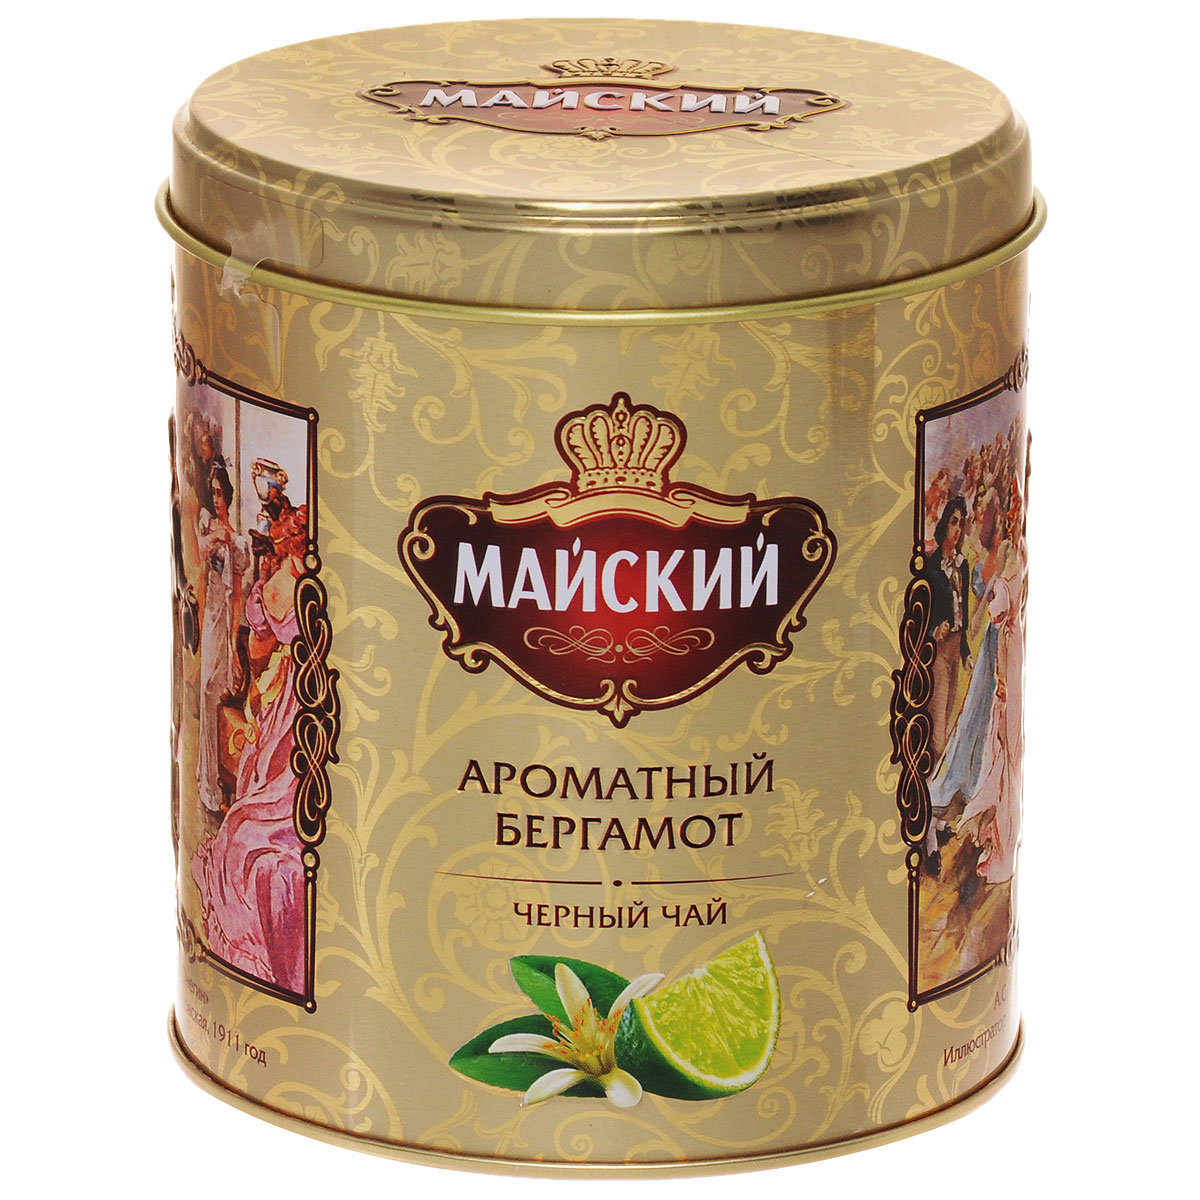 Майский Ароматный Бергамот черный ароматизированный листовой чай, 90 г майский корона российской империи черный чай в пирамидках 20 шт